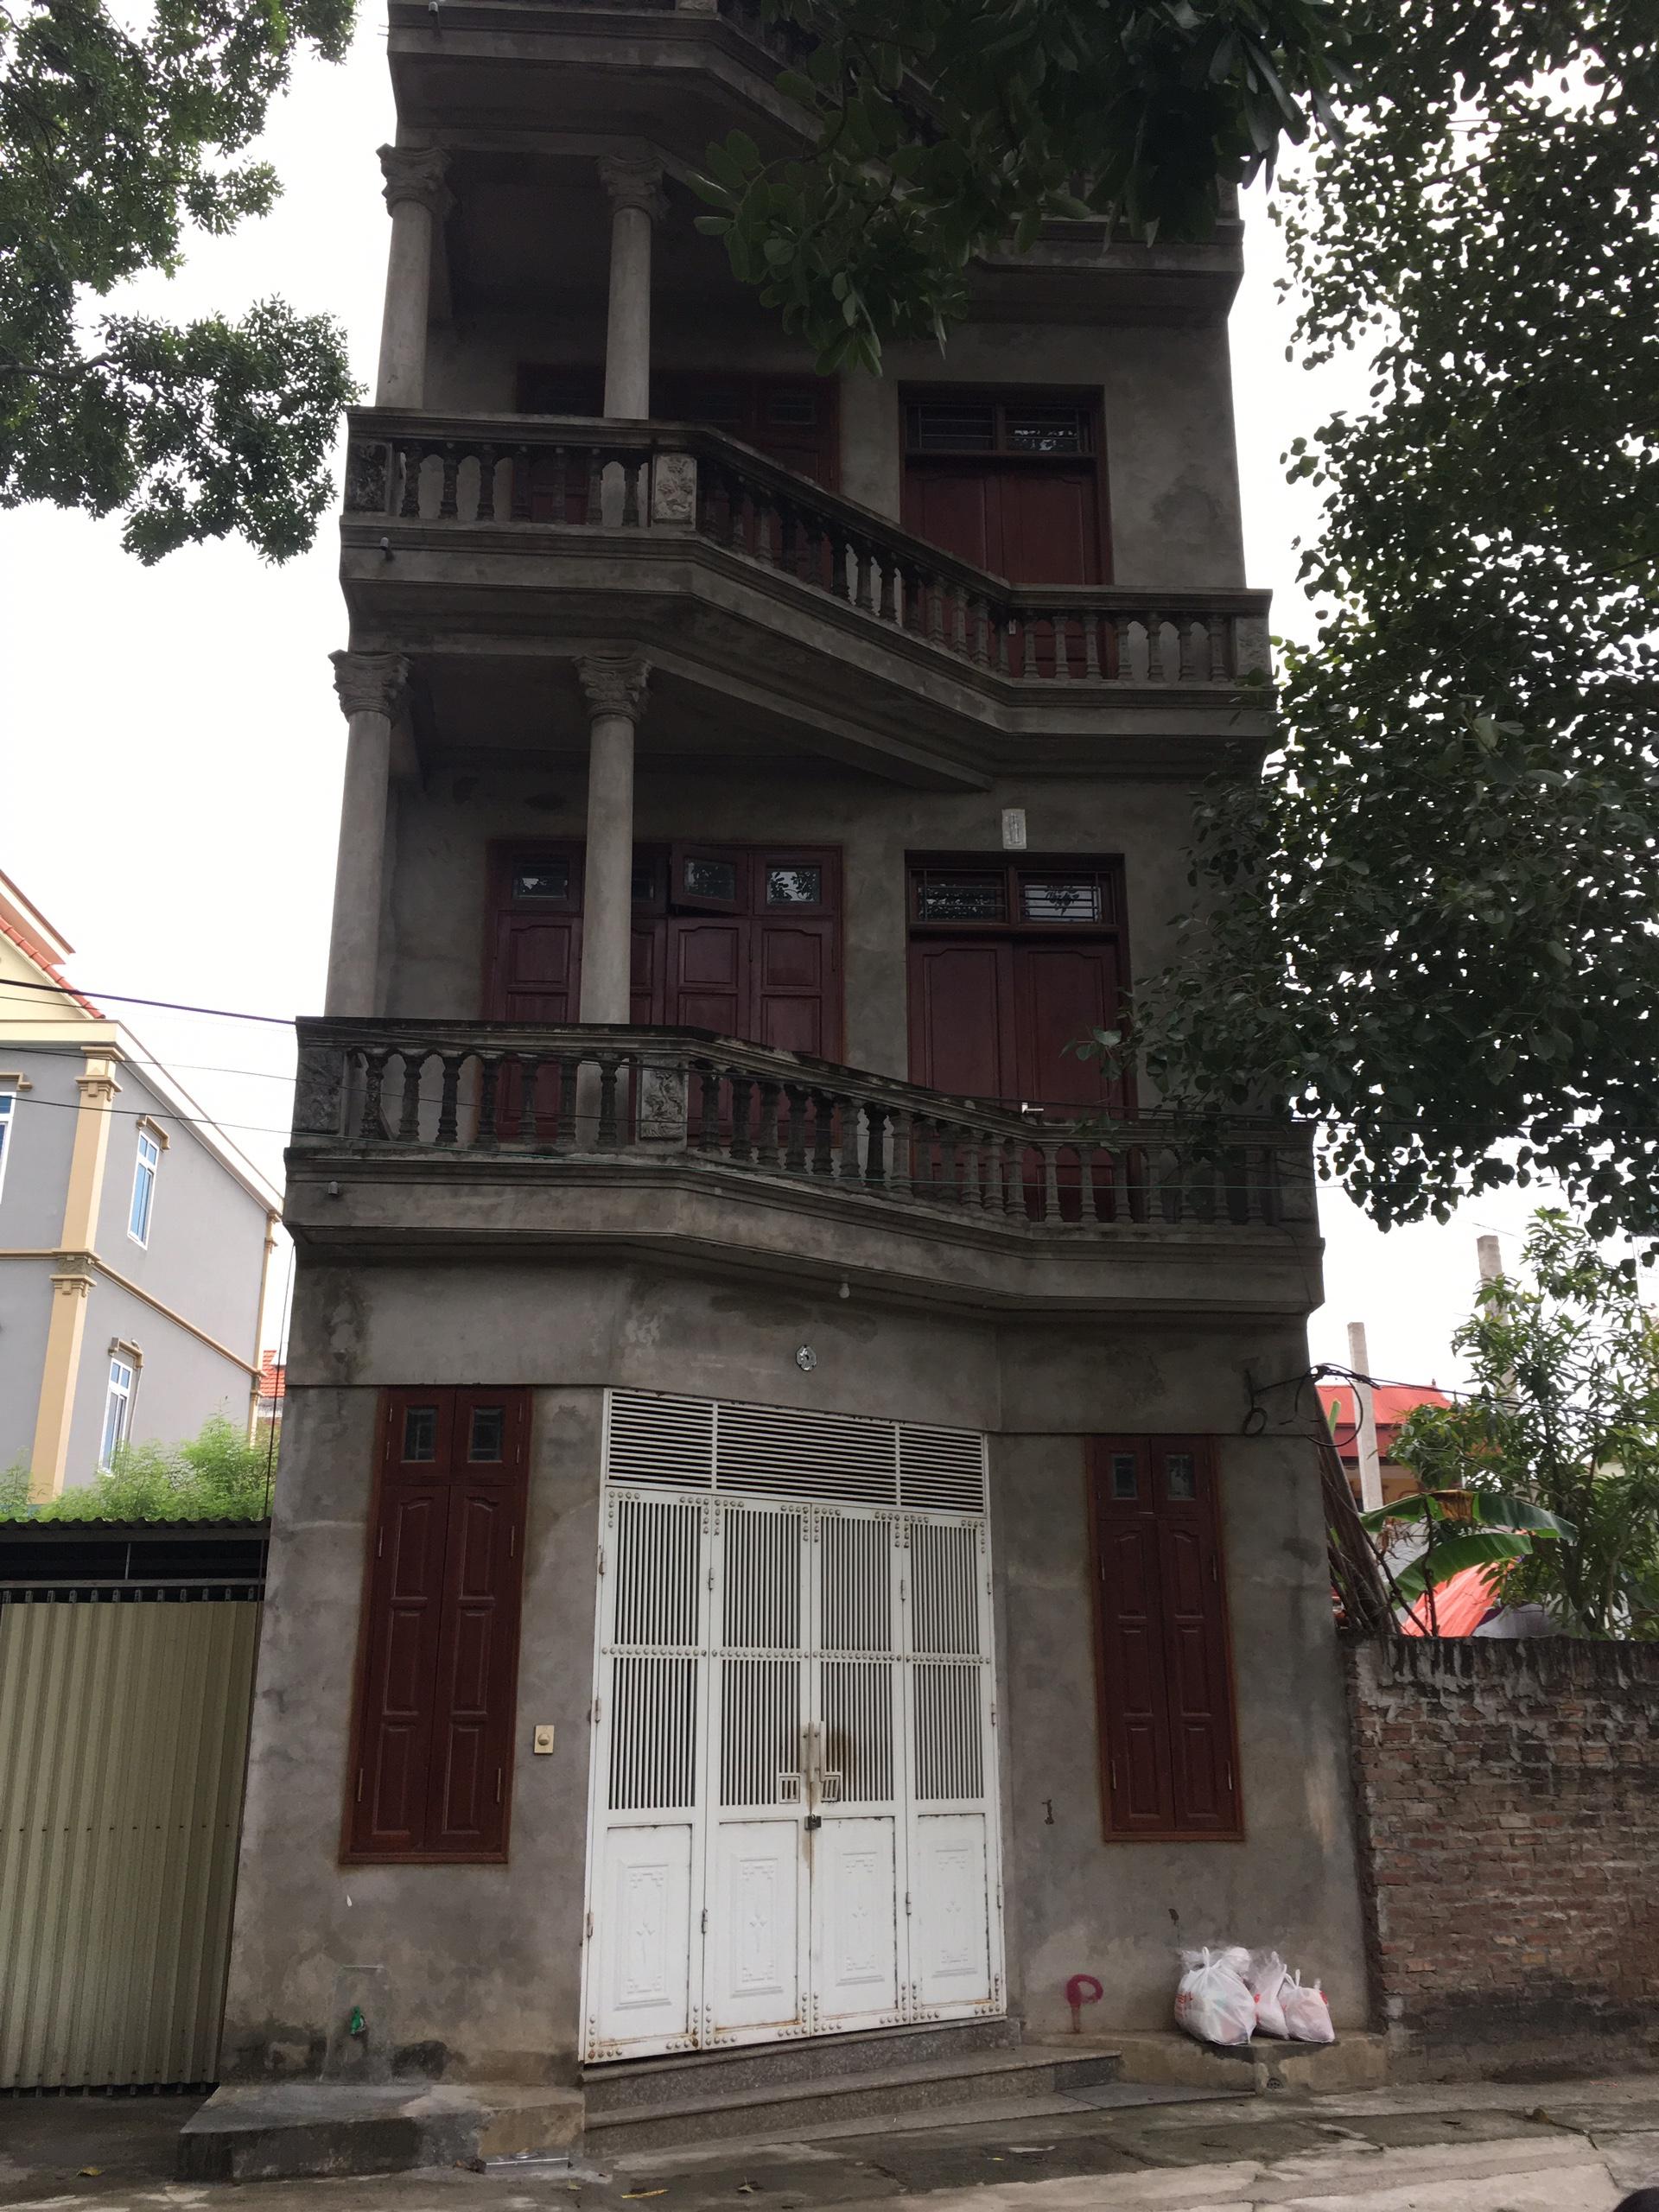 1 Chuyển công tác, tôi cần bán nhà 03 tầng, xây để ở, sổ đỏ, chính chủ, DT 80m2. Hoai Duc, .